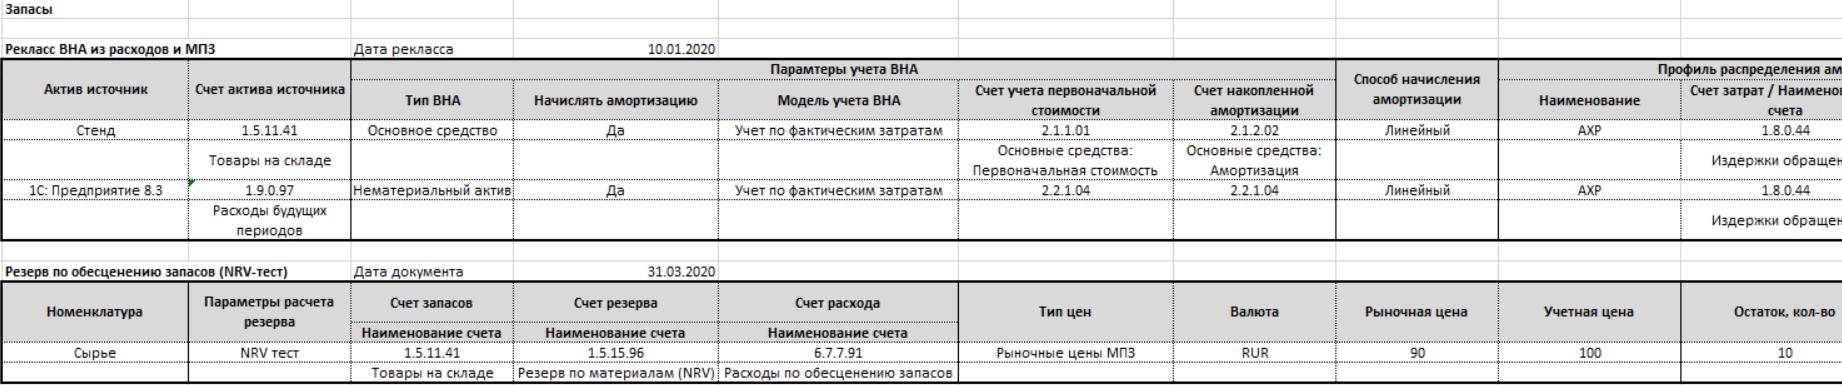 Расчет резерва по запасам с использованием NRV-тест